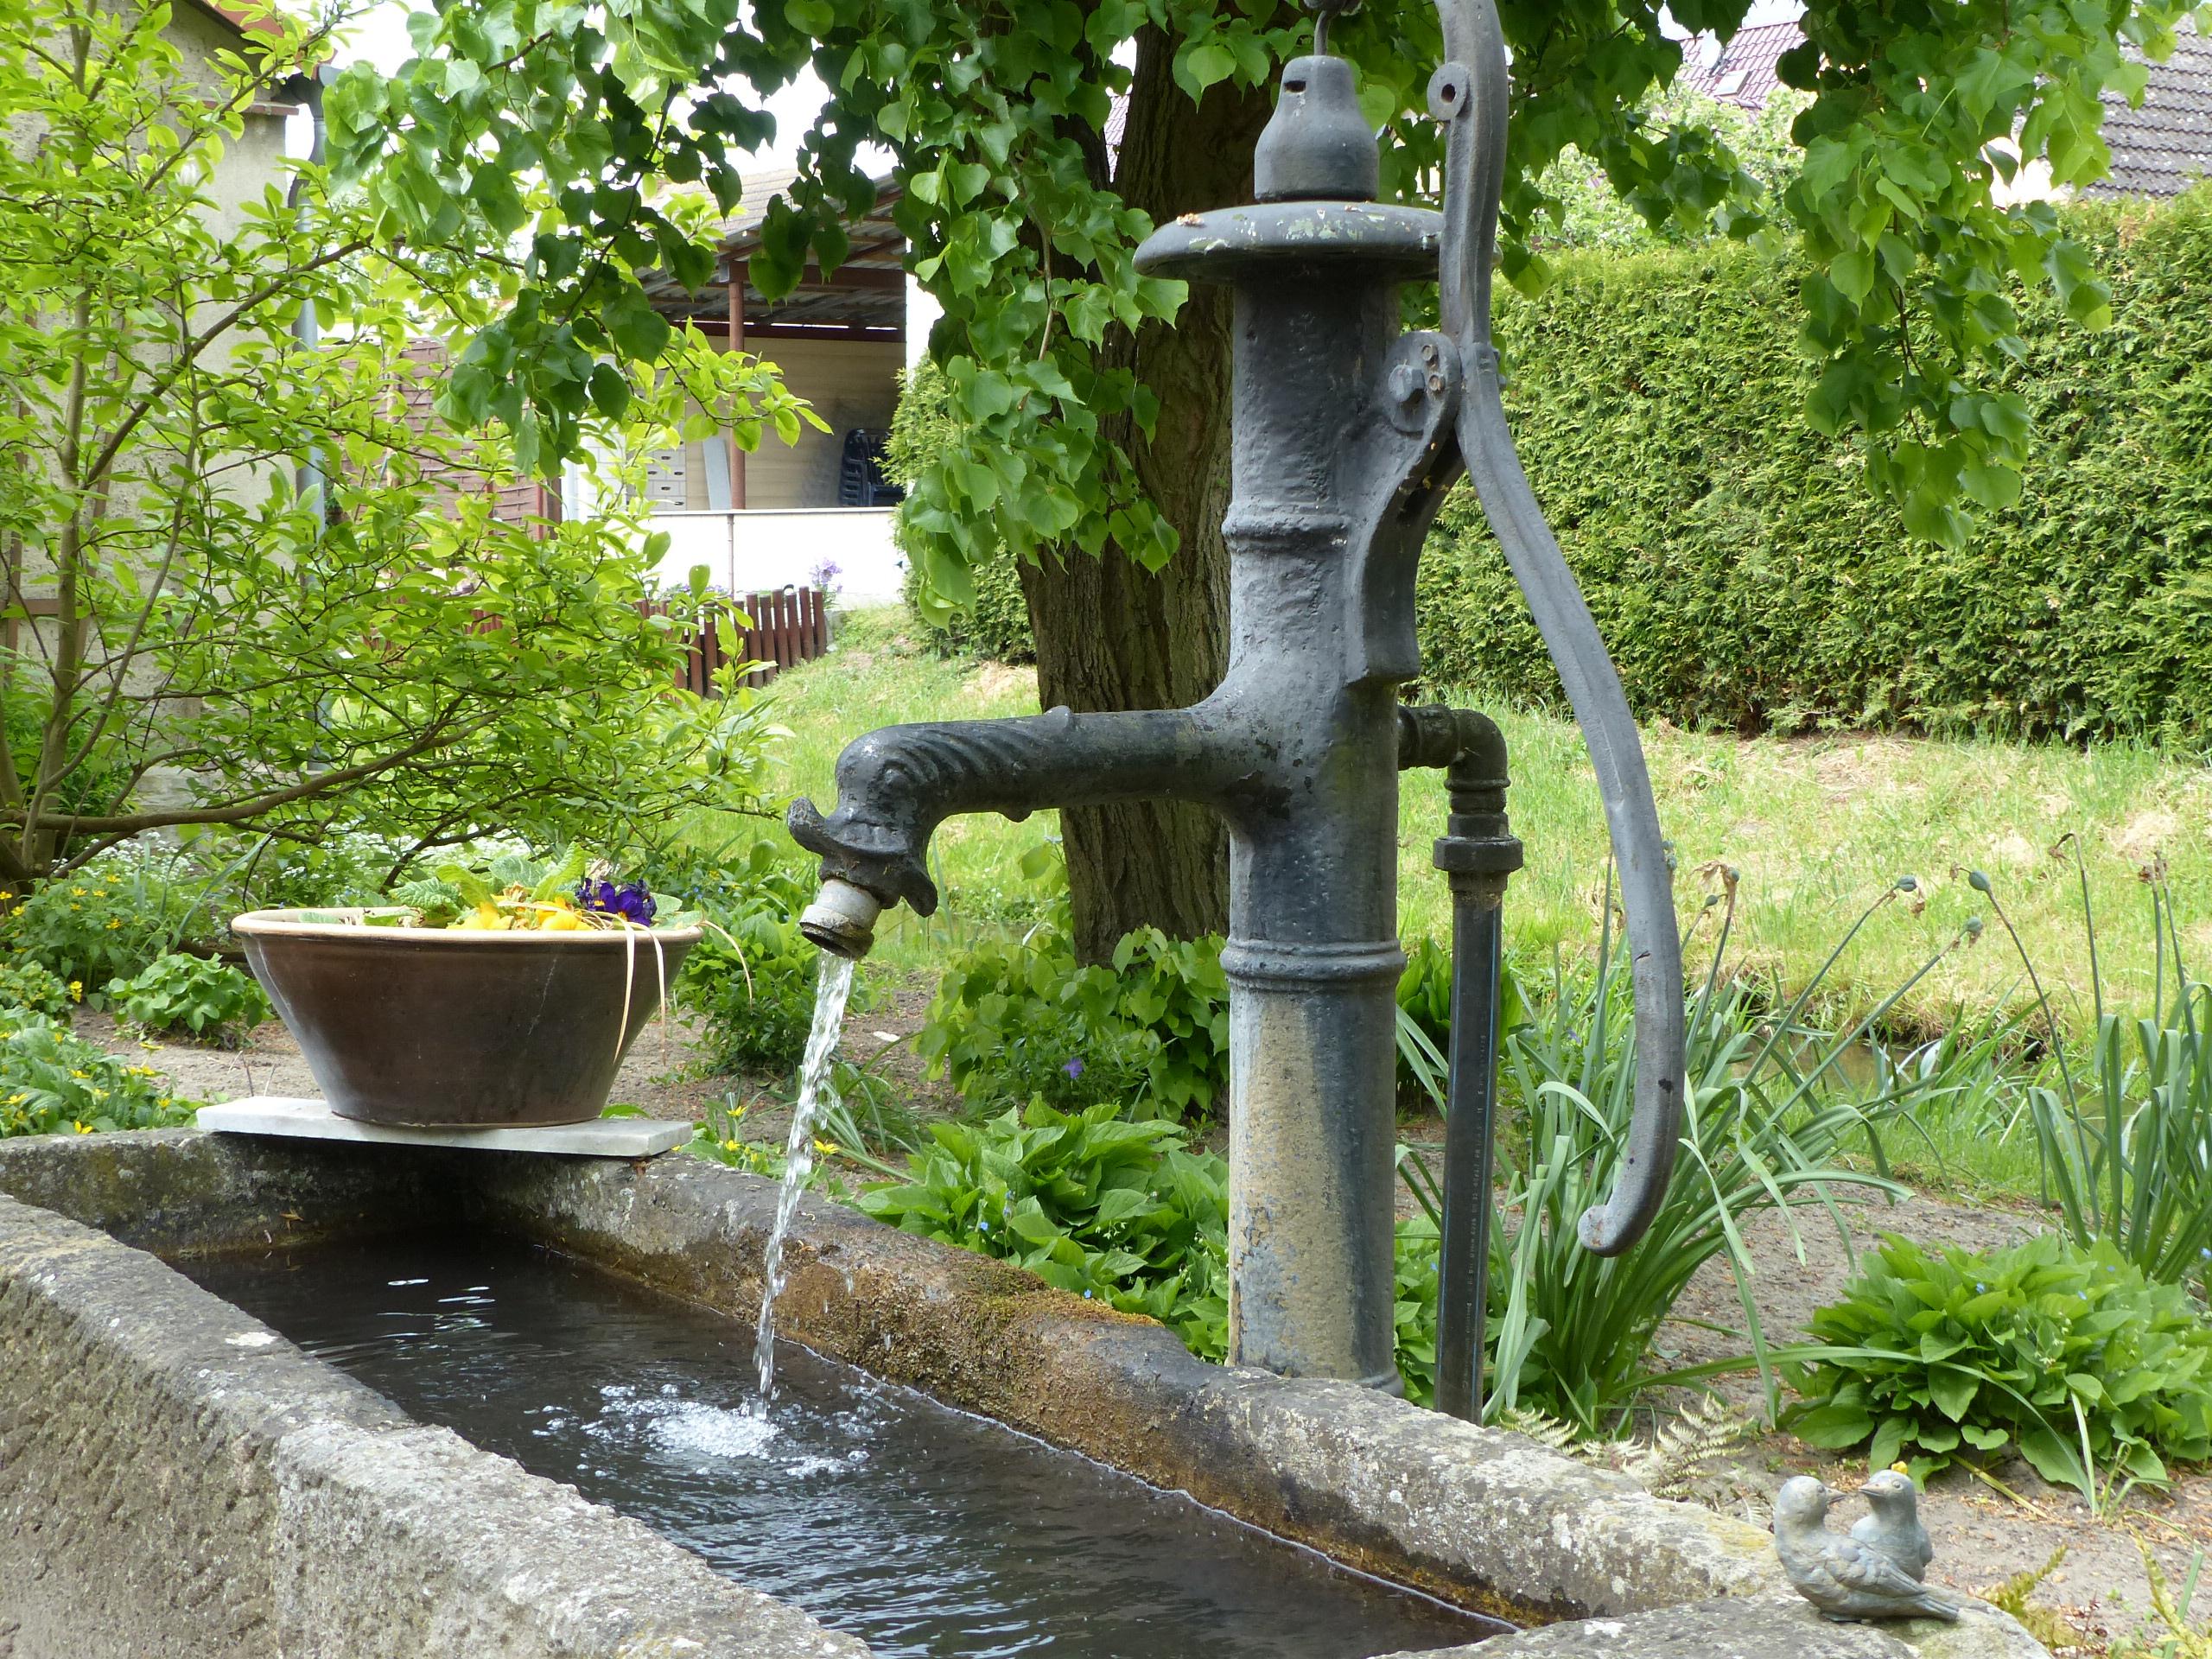 Idylle im Garten Mühle in Fredersdorf im Fläming, Foto: D.Weirauch